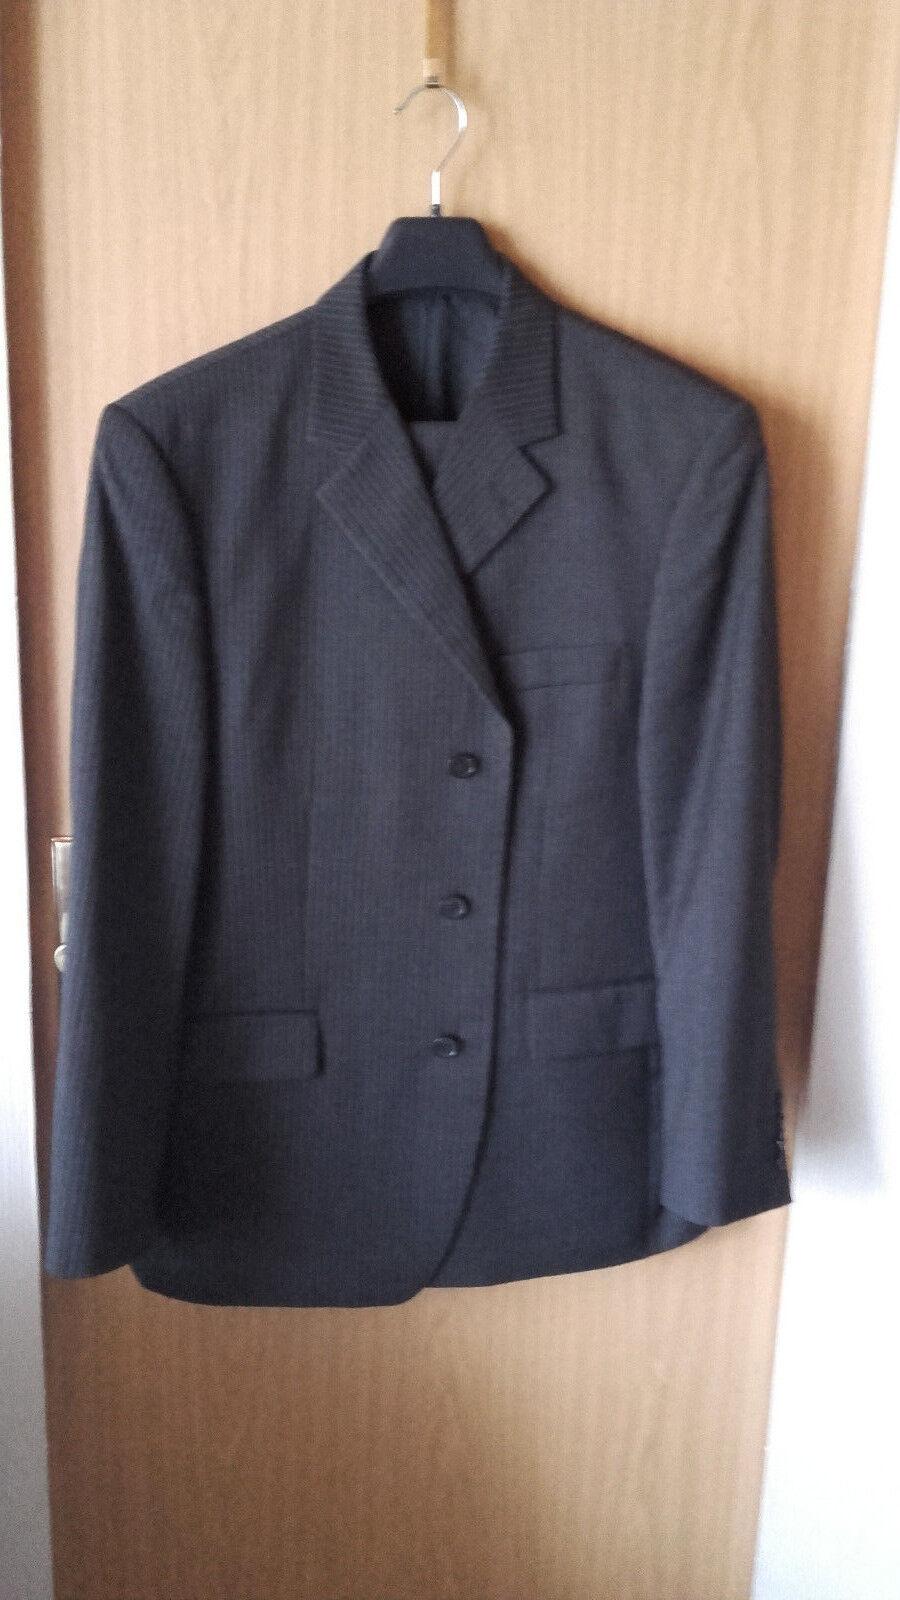 Herren Anzug anthrazit mit zartem Streifen Gr. 27